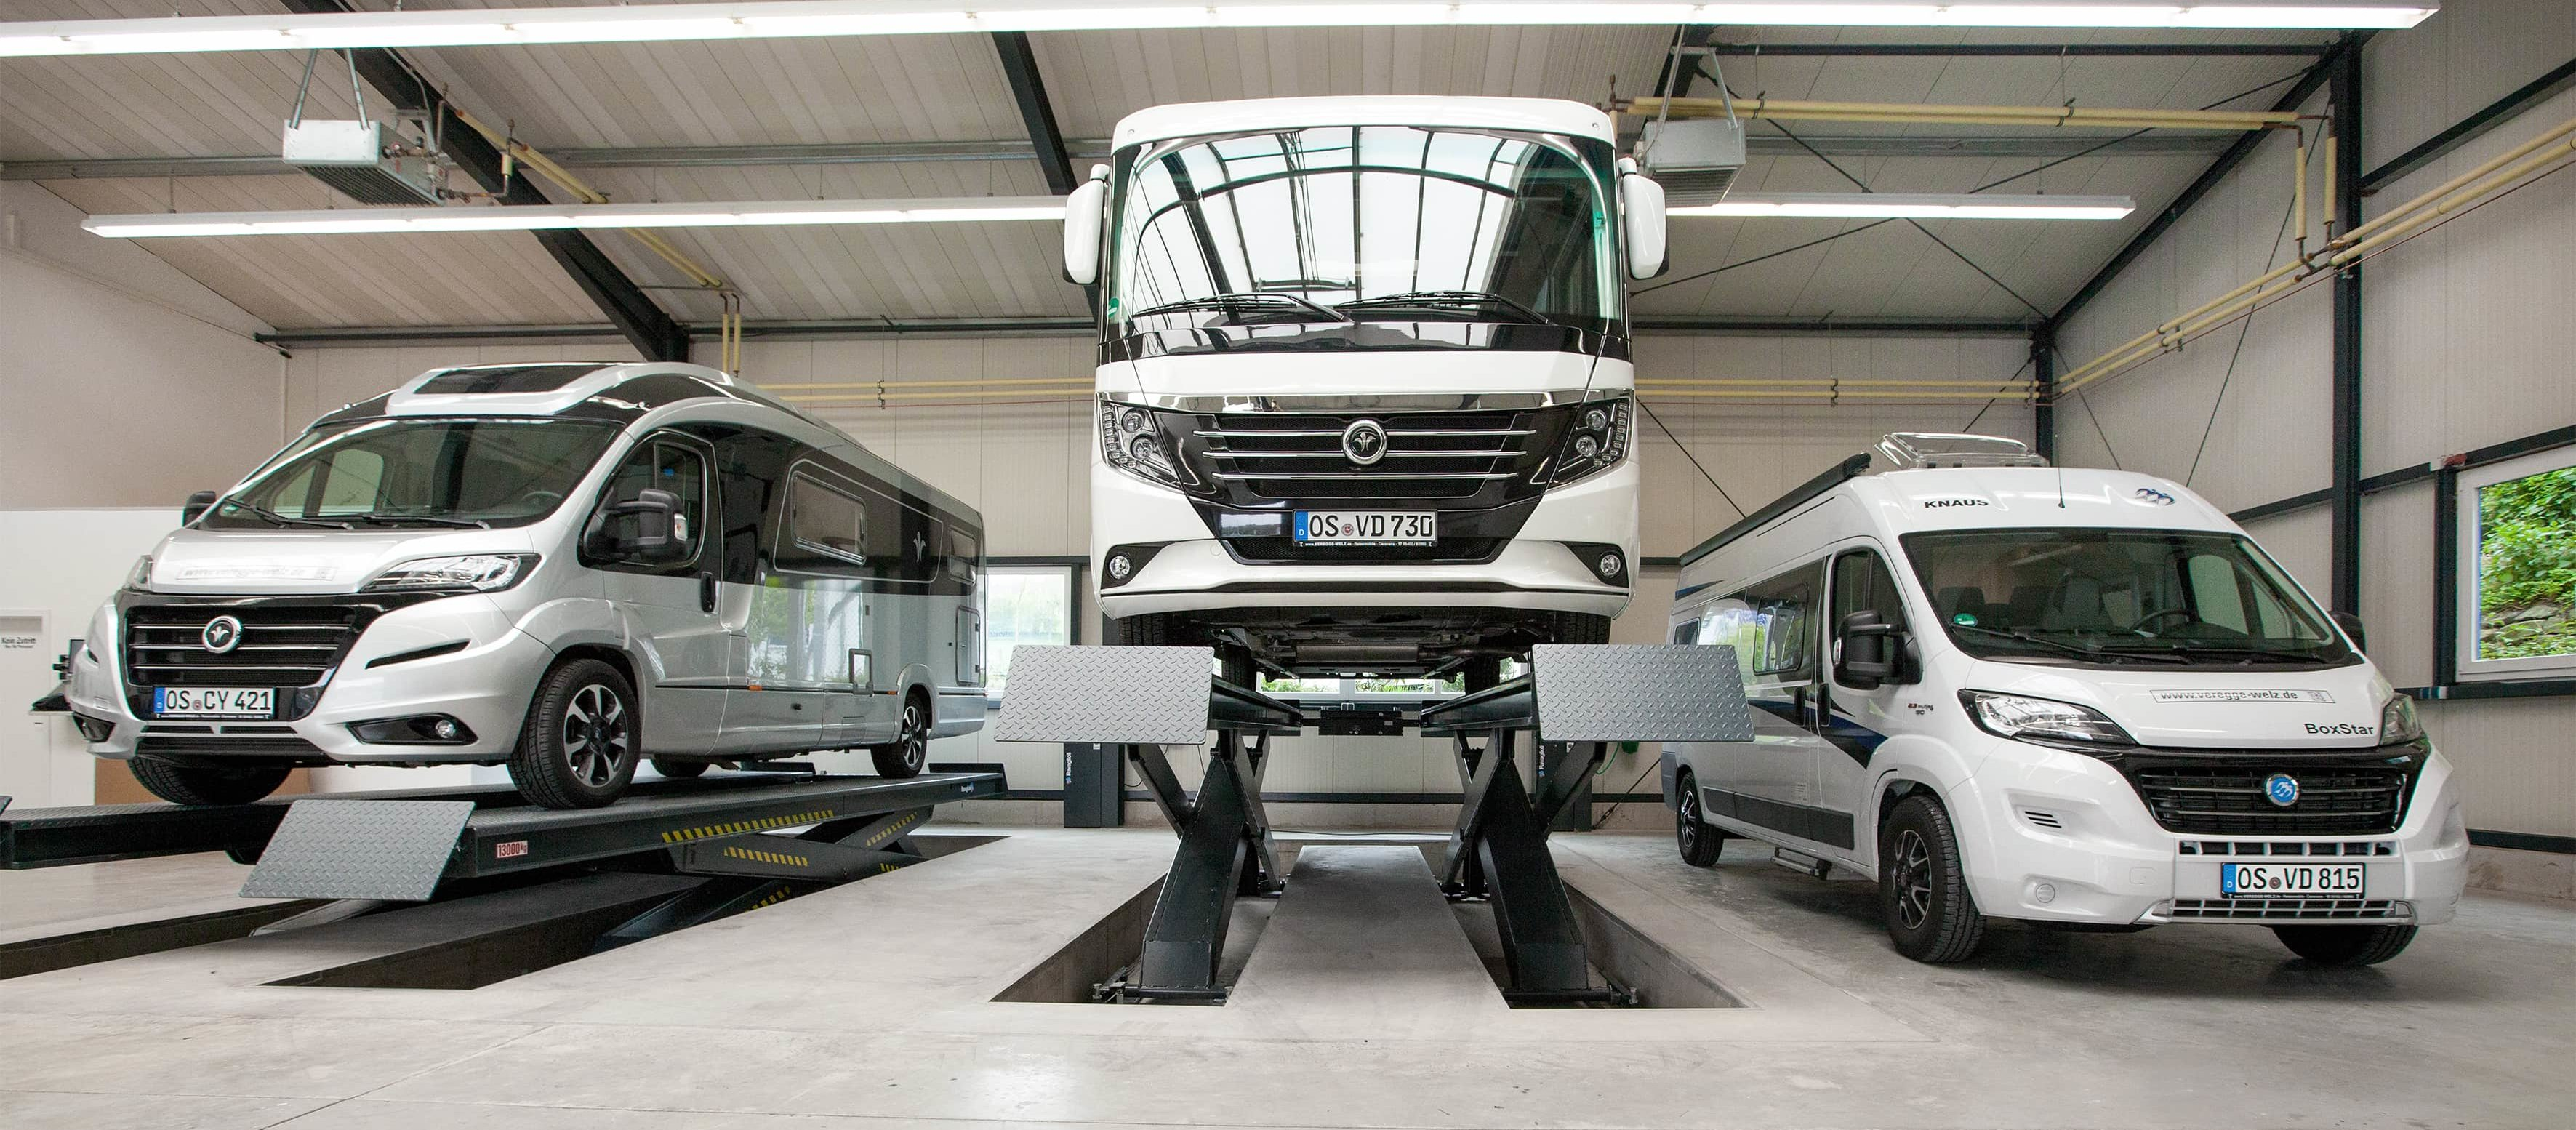 Werkstatt-Service für Wohnmobile und Wohnwagen